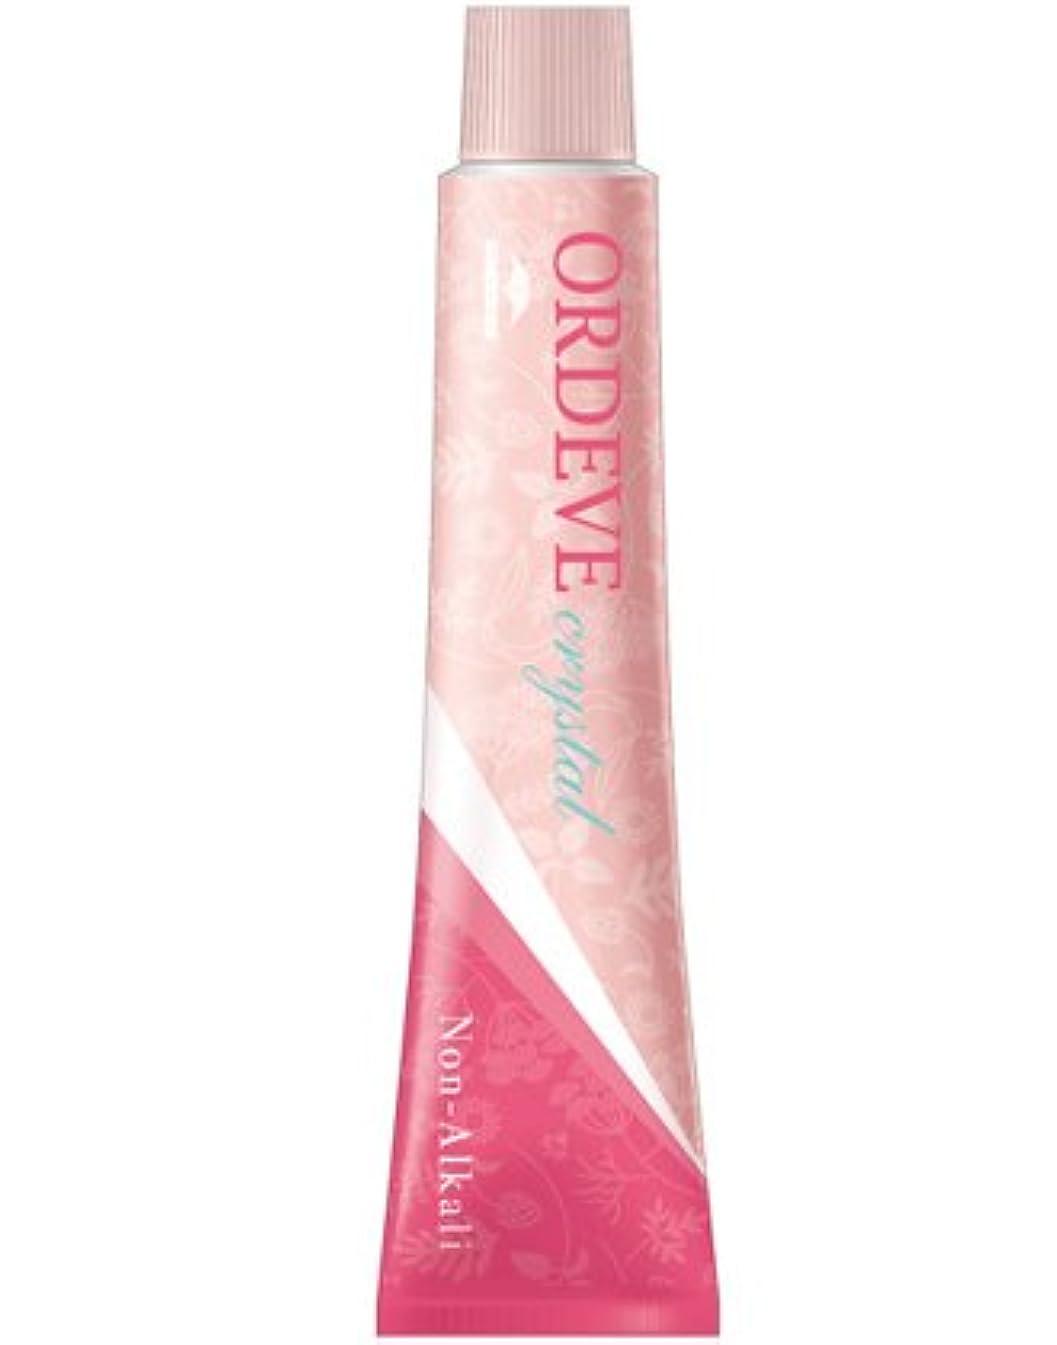 小麦シルク座標ミルボン オルディーブ クリスタル (c11-15/n ブルー アッシュ) 80g